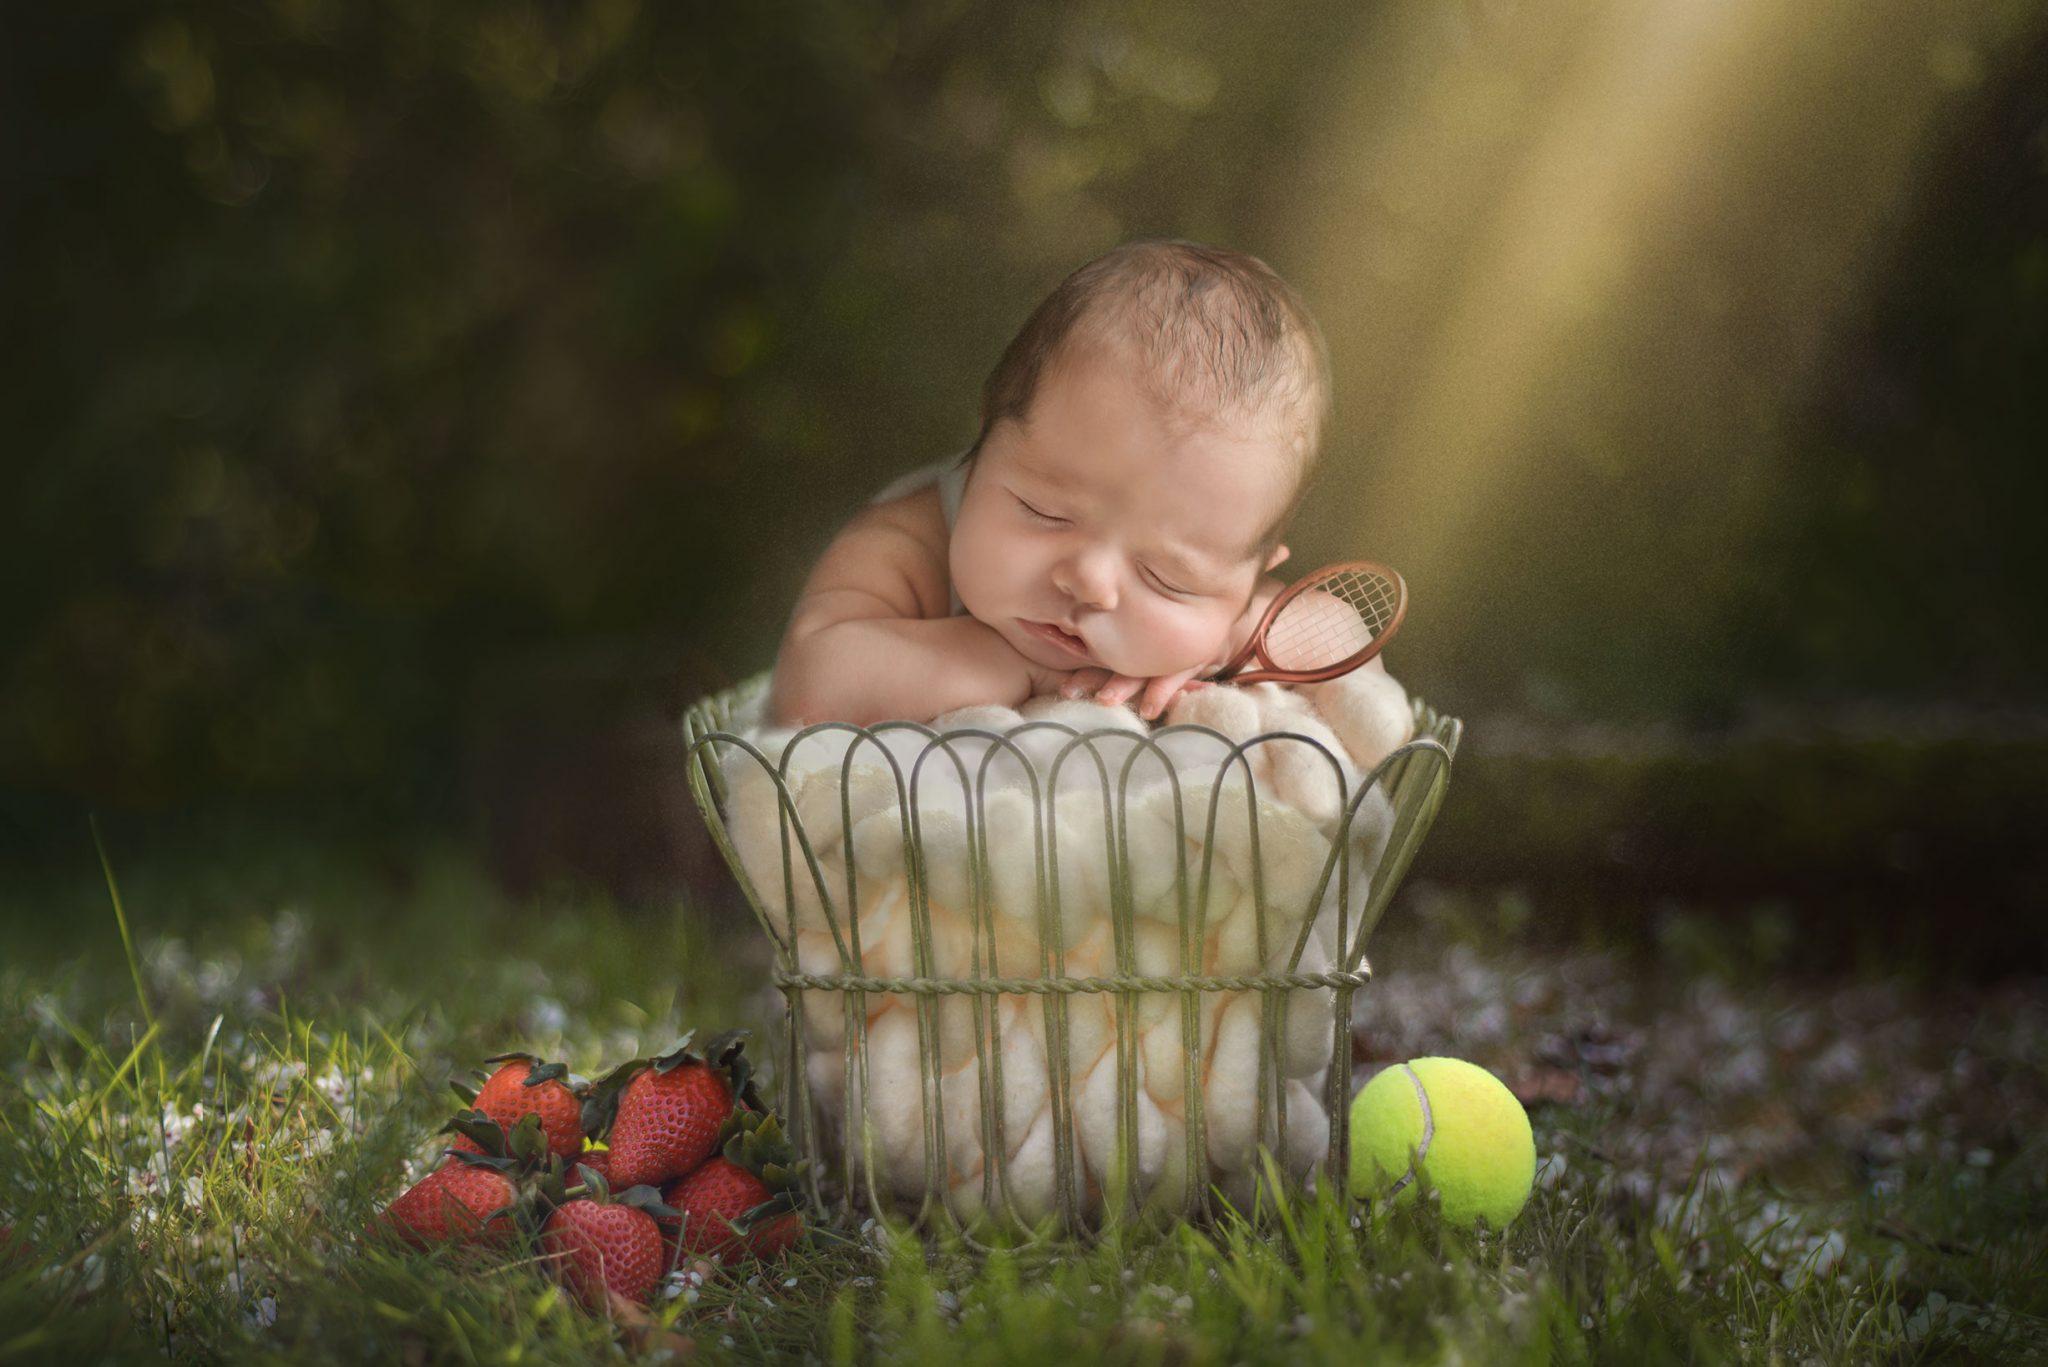 Wimbledon Tennis inspired newborn shoot - Essex and Suffolk baby photographer